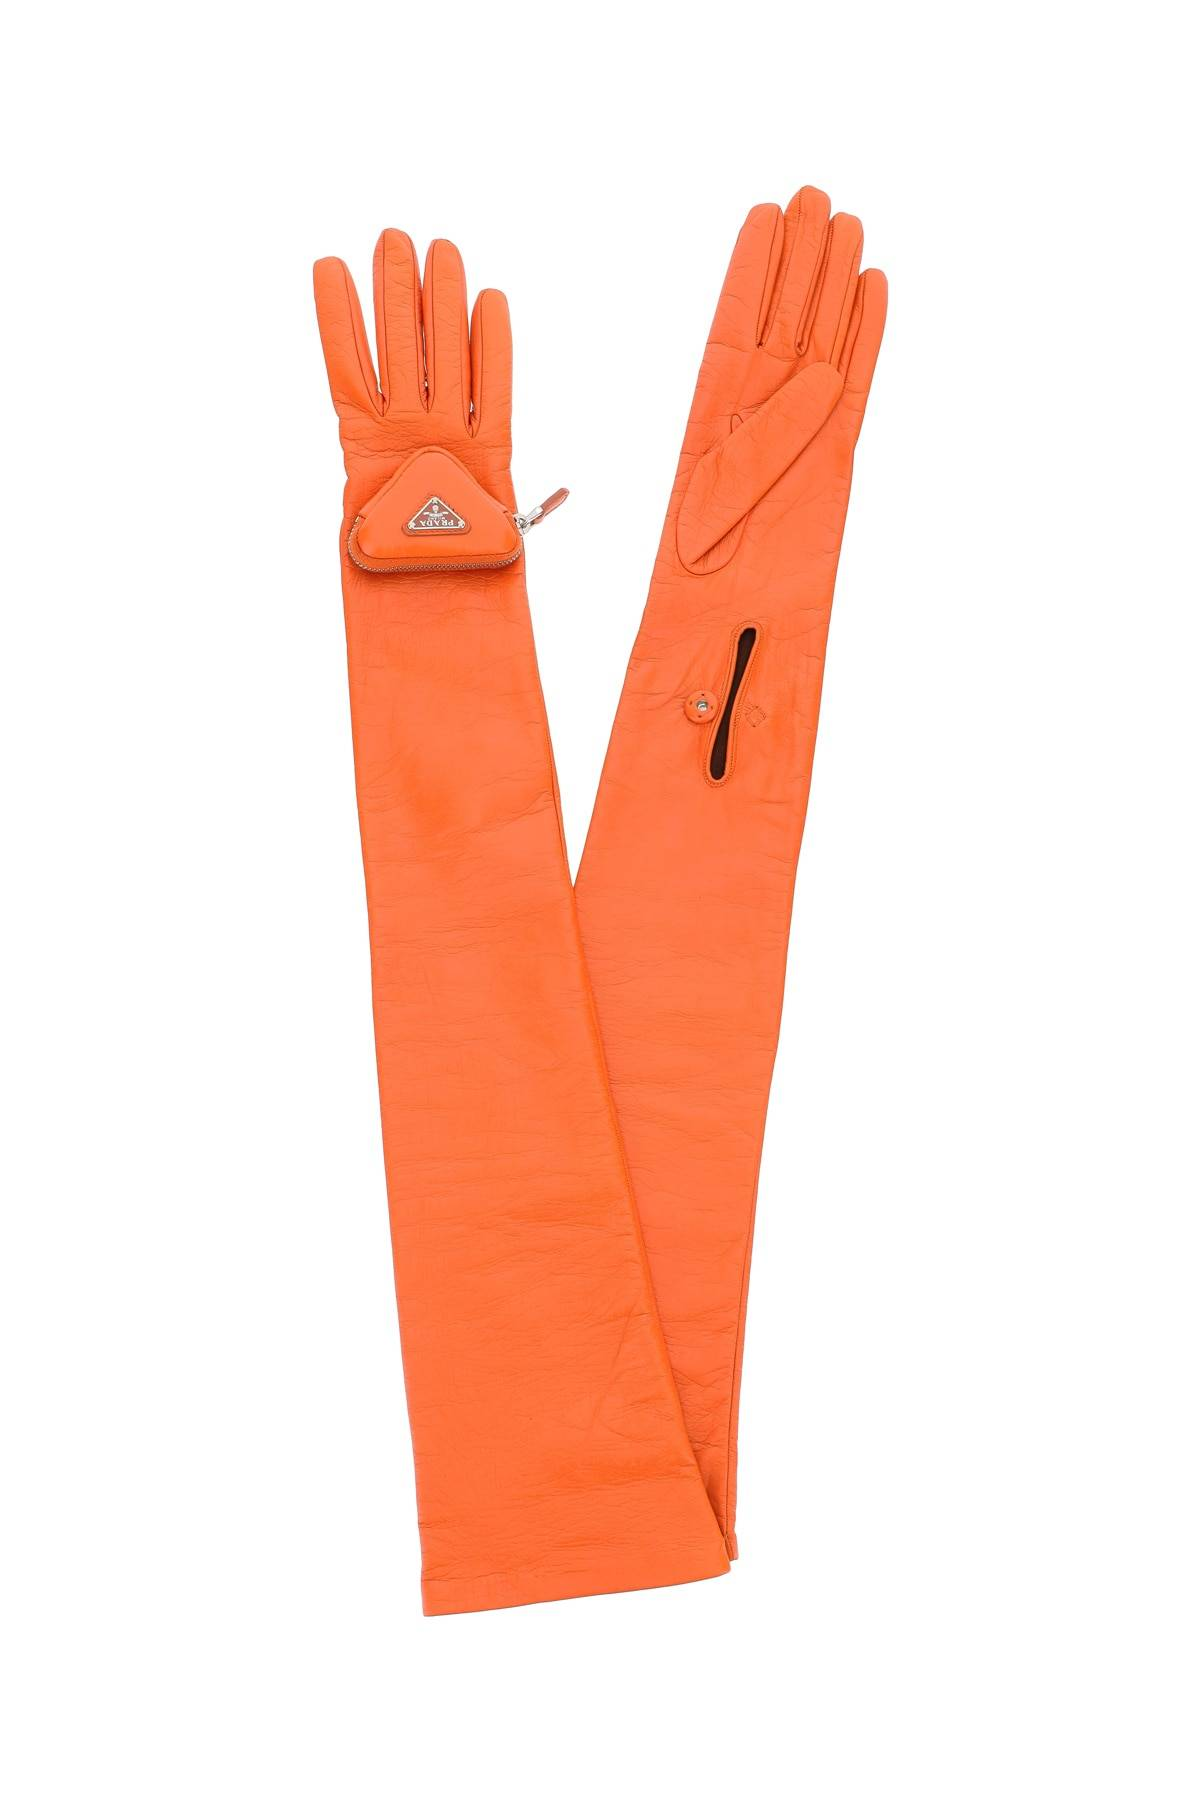 prada guanti lunghi in nappa con pouch 6,5 arancio pelle